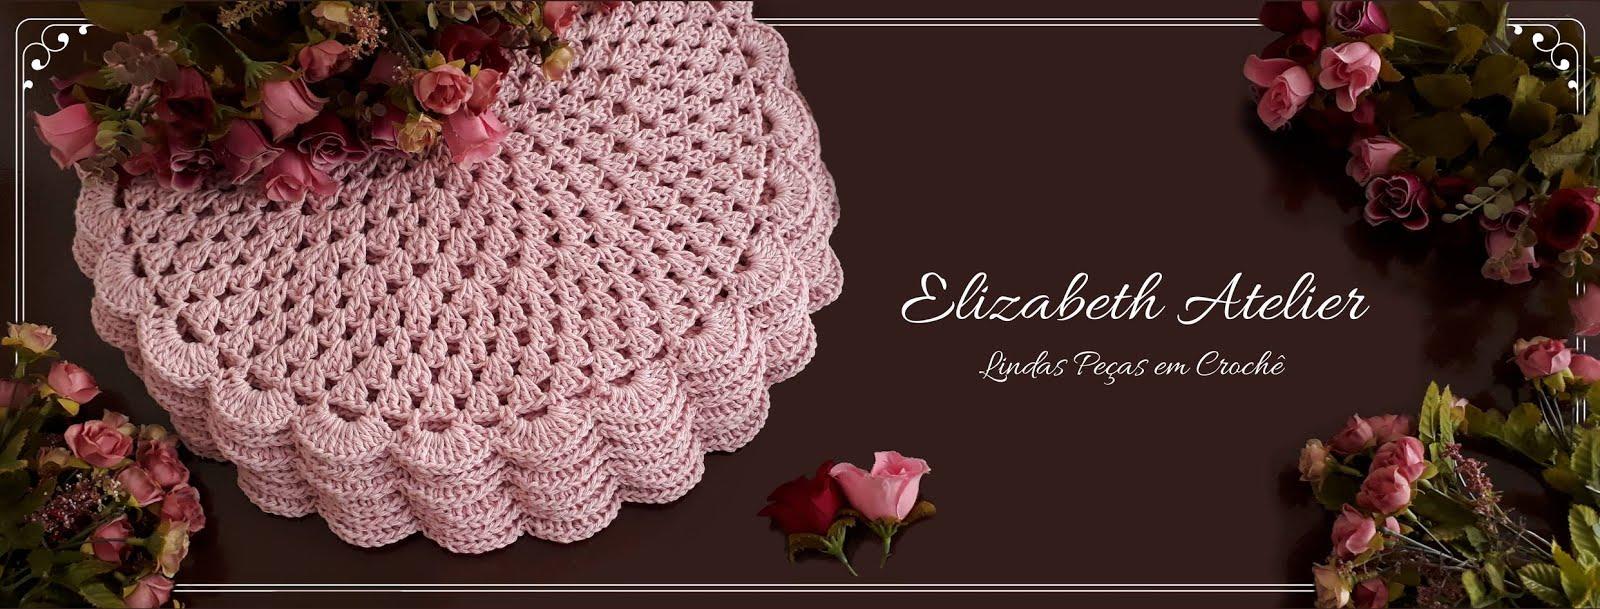 b0762fd35 Elizabeth Atelier Crochê